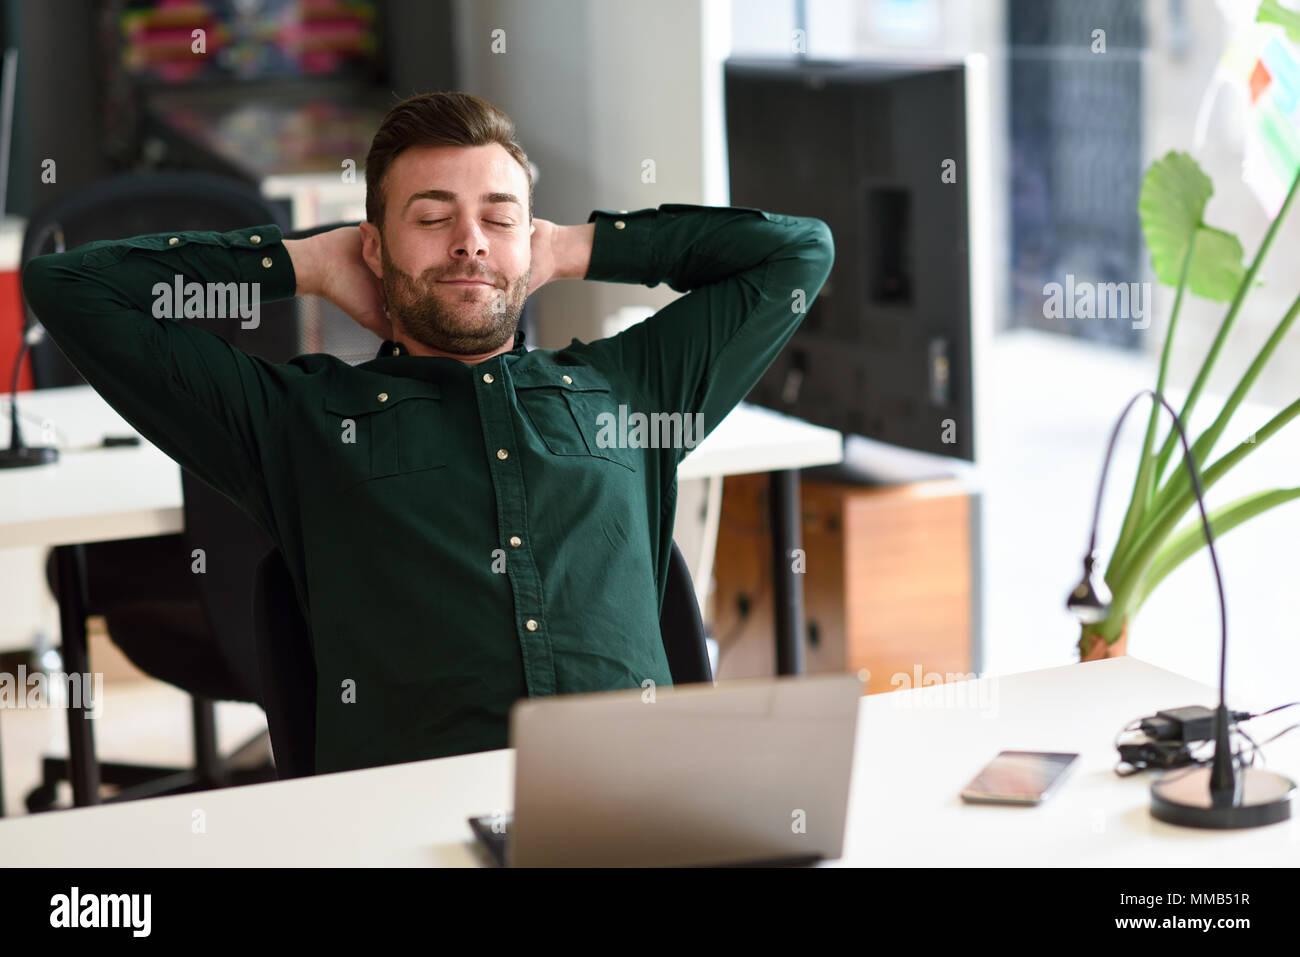 Giovane uomo studiando con computer laptop sulla scrivania bianca. Ragazzo attraente con la barba di indossare un abbigliamento informale per una pausa. Immagini Stock